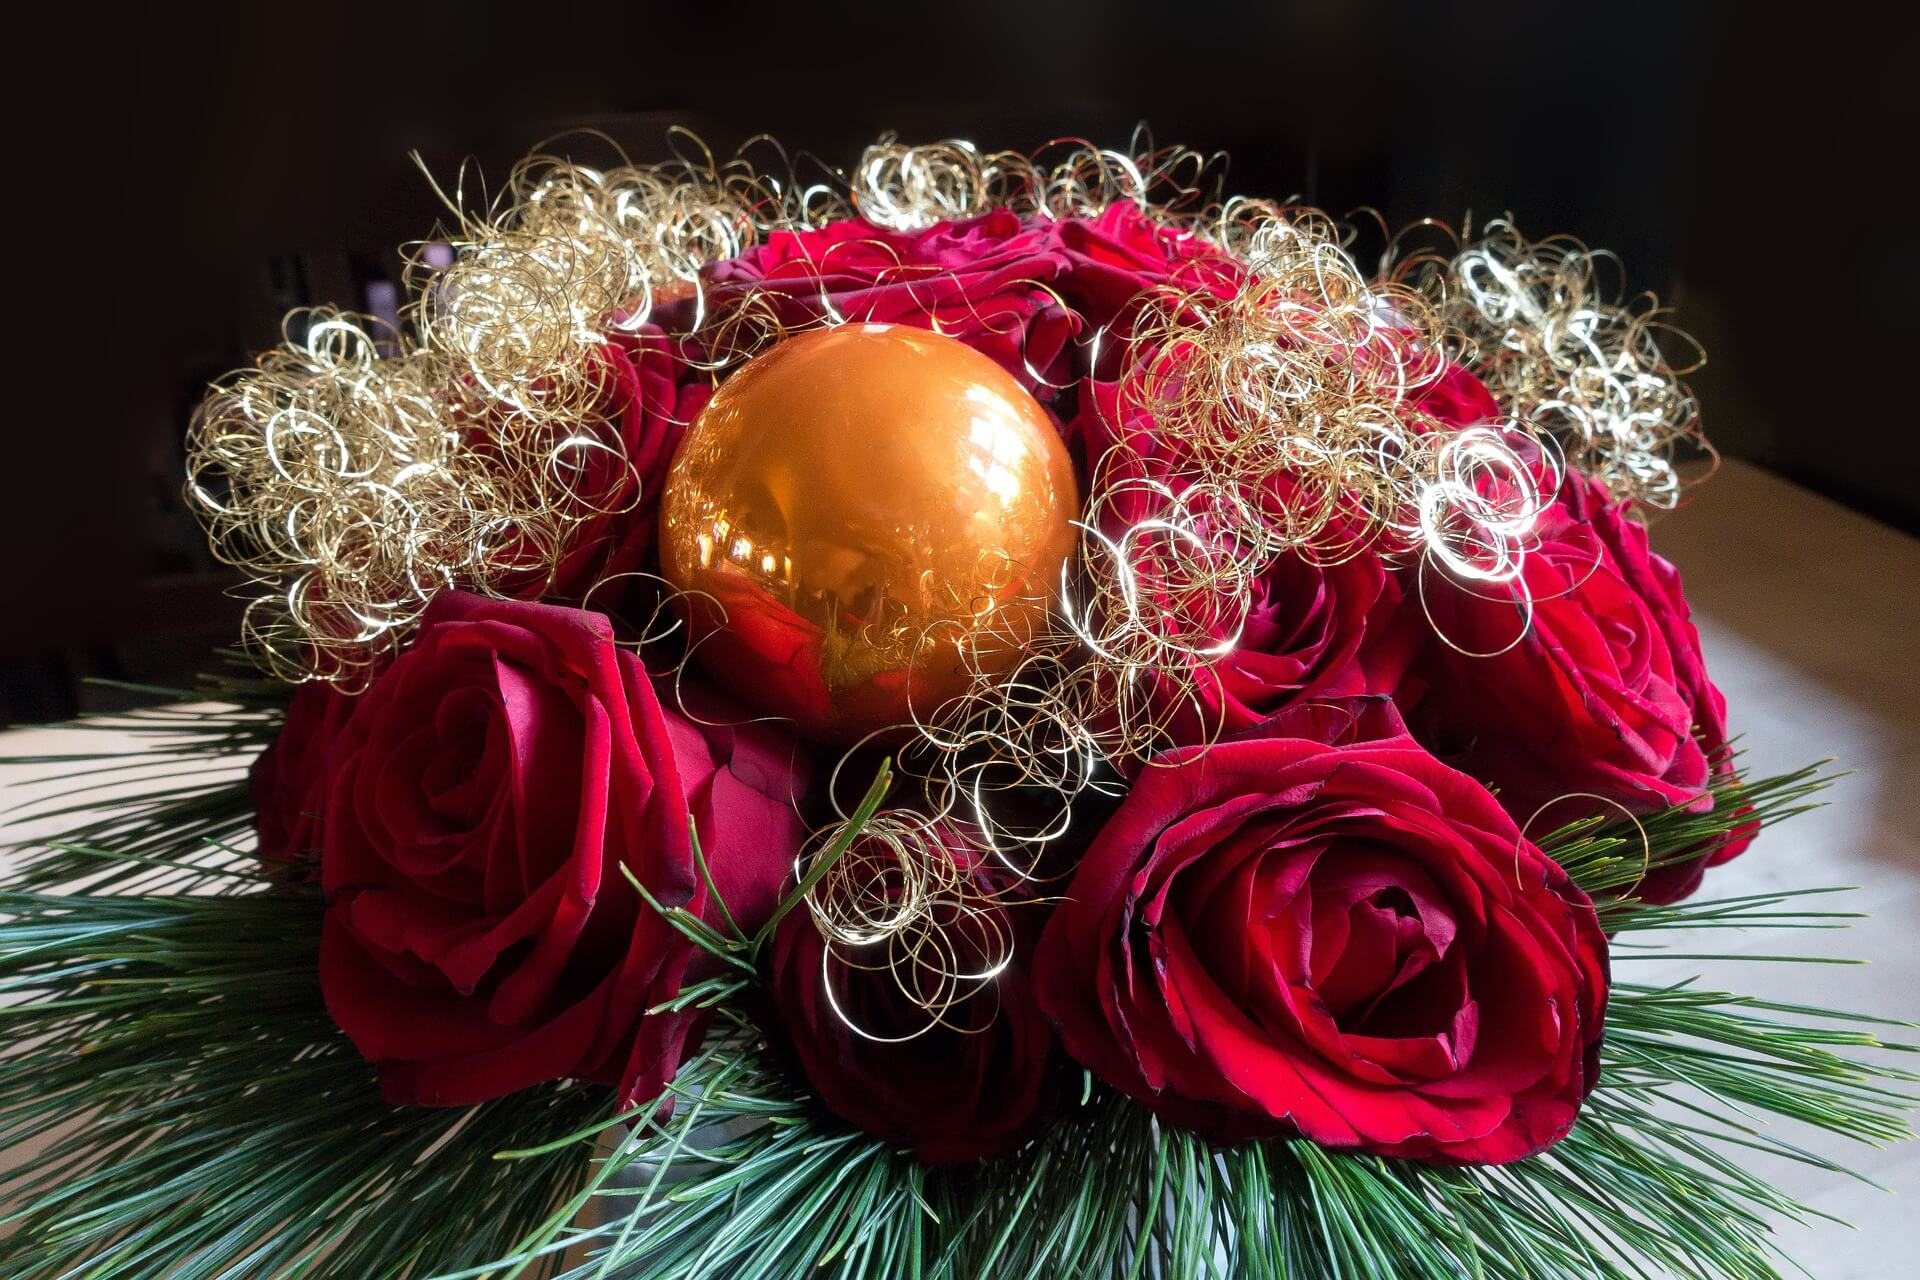 Decoratiuni florale pentru masa de Craciun